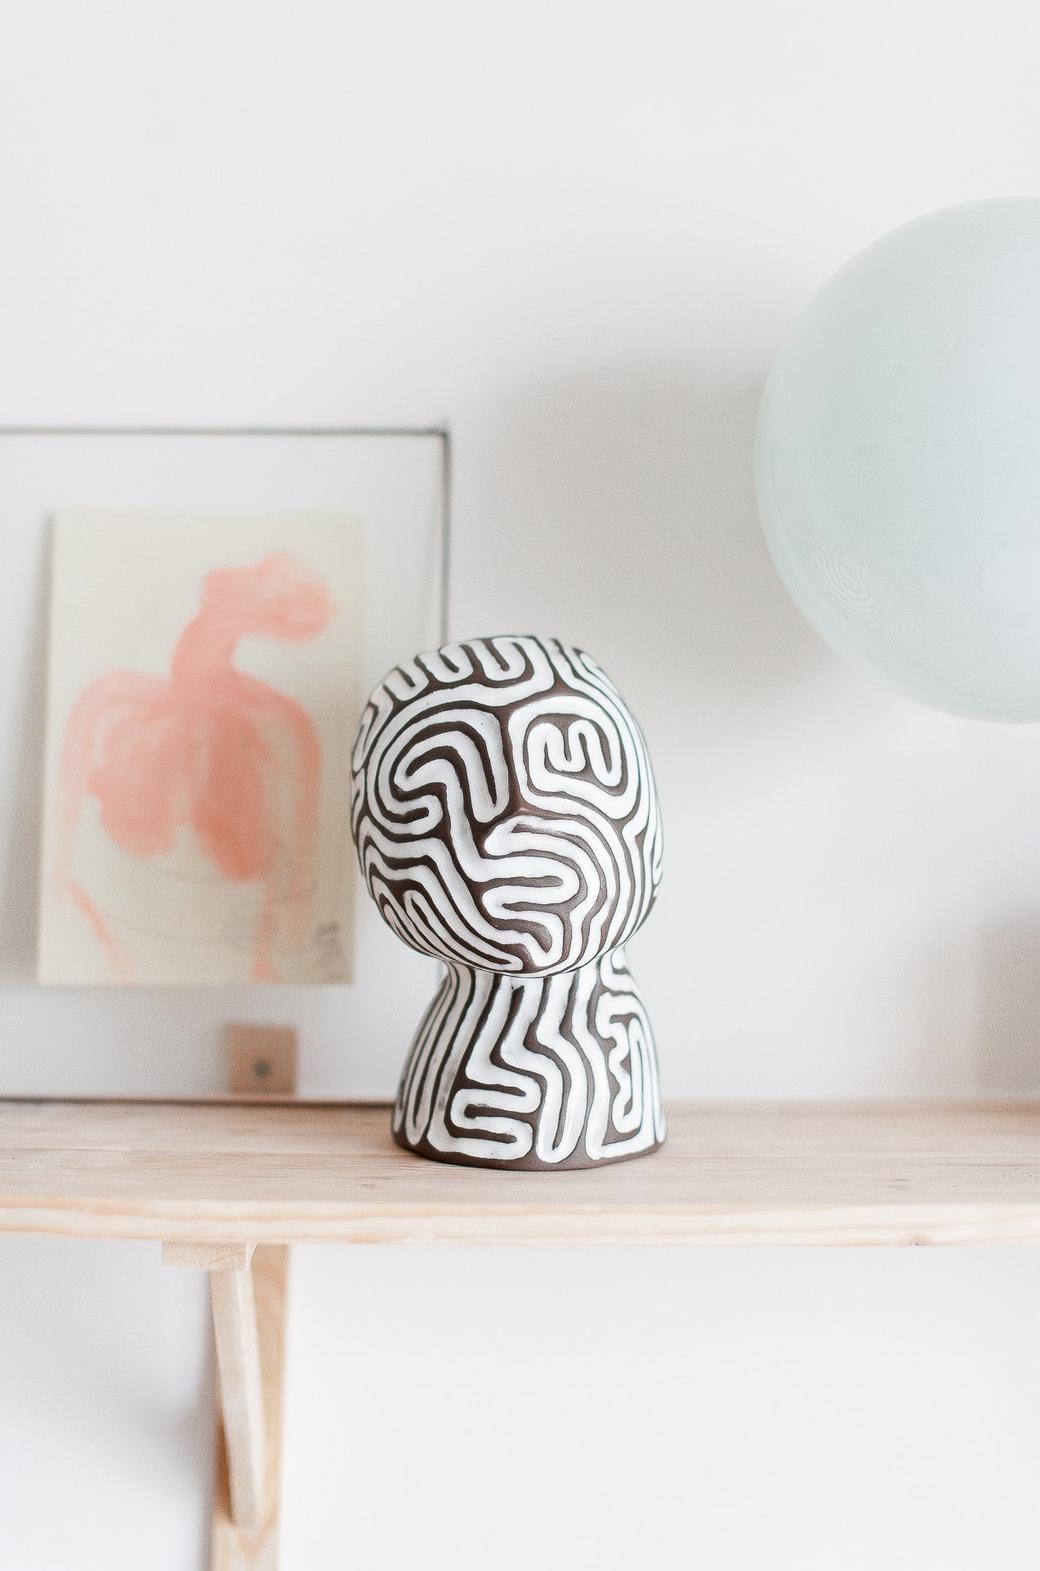 Скульптура из керамики